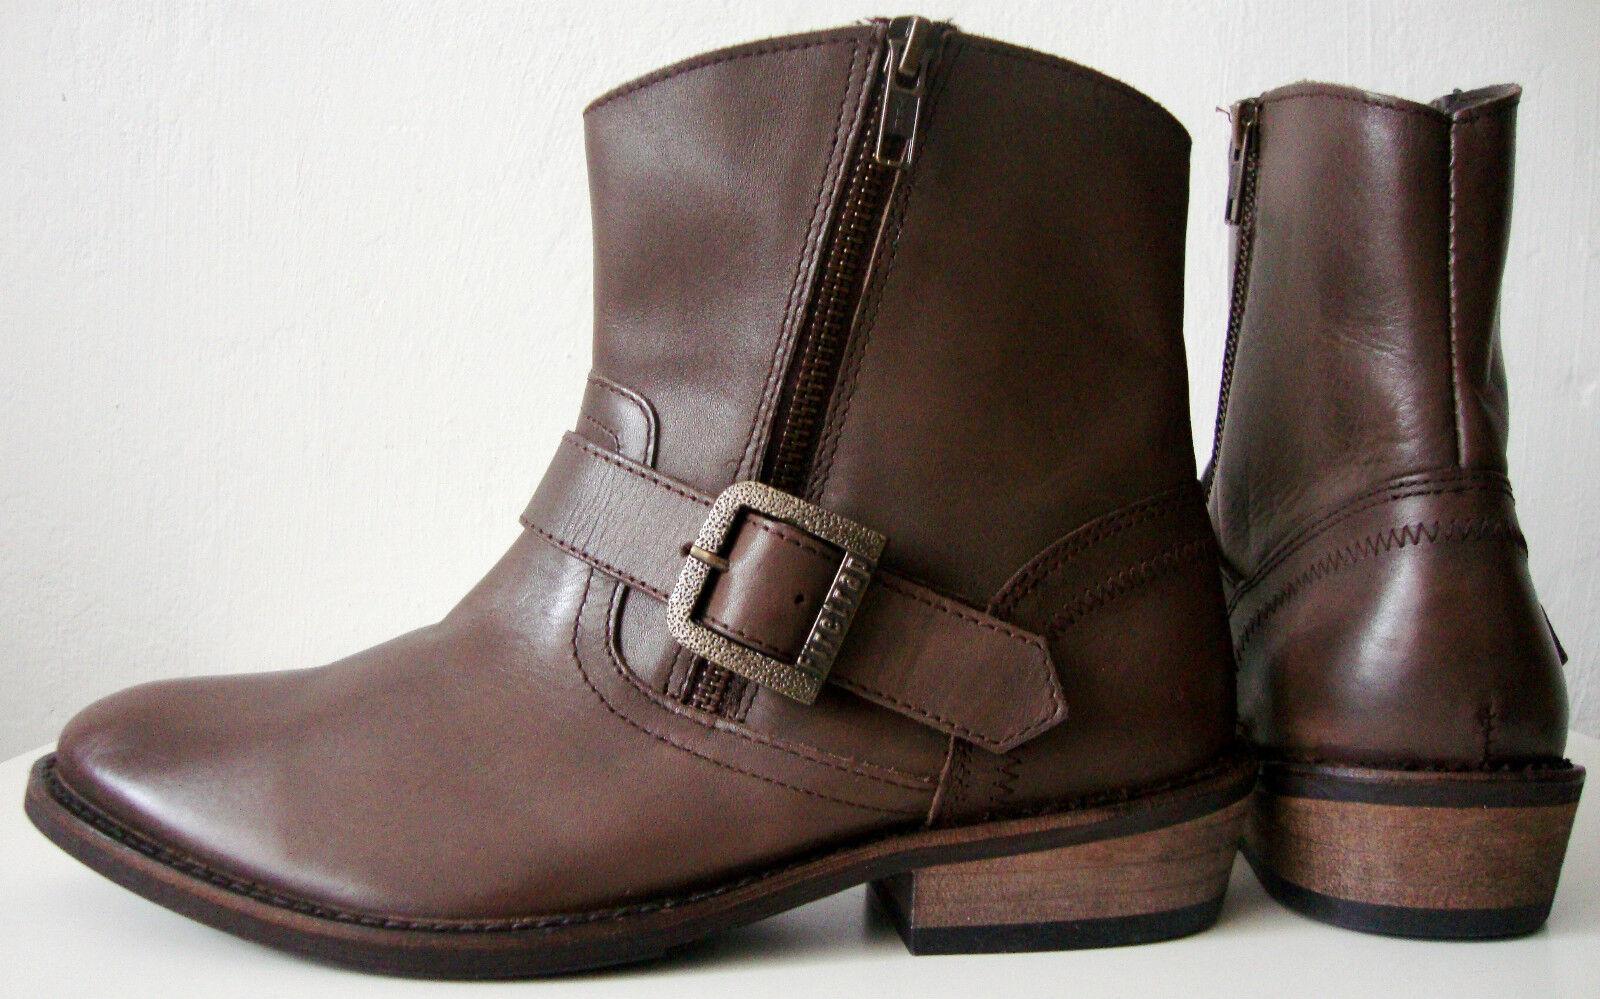 FIRETRAP Damen Stiefelette Ankle Stiefel Dealer Stiefel Leder Schuhe Gr.39 NEU